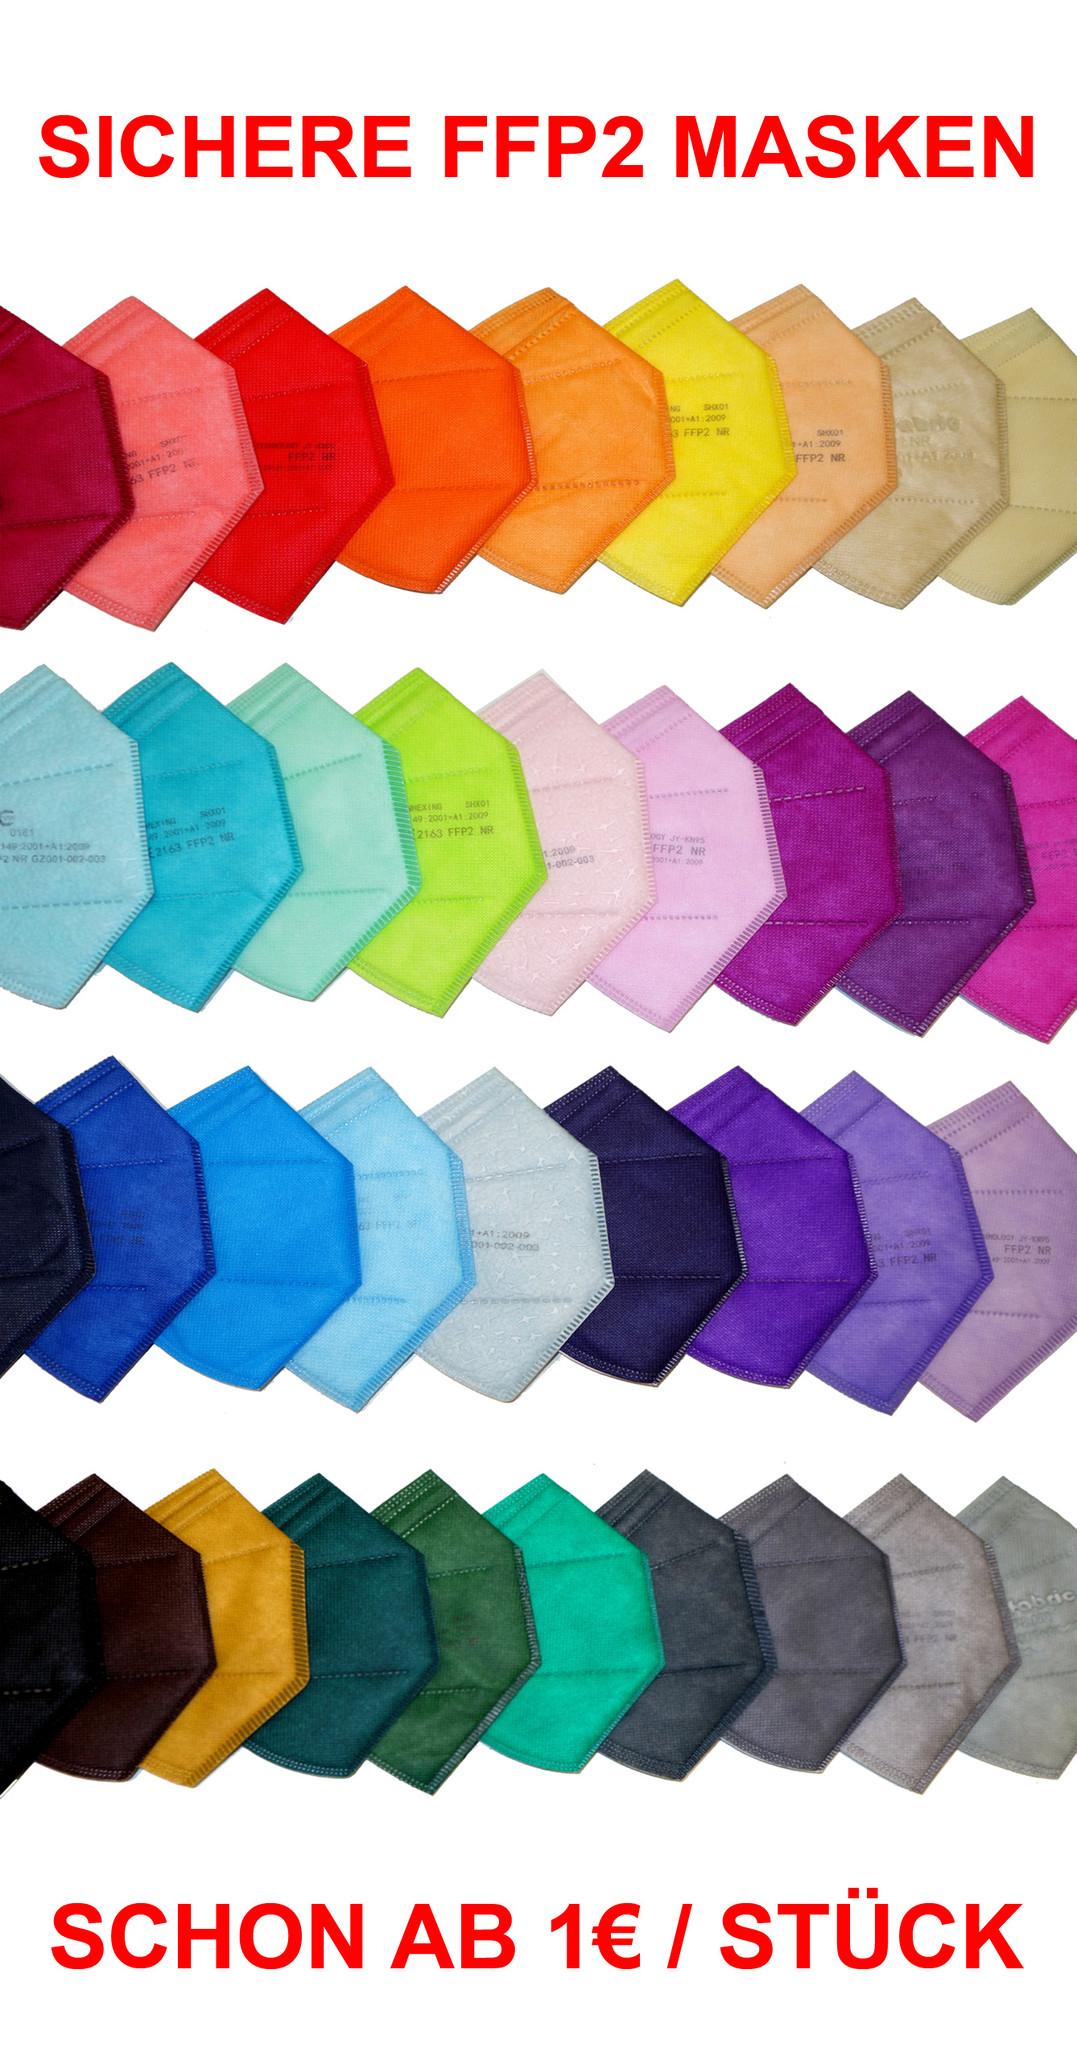 bunte FFP2 Masken, FFP2 bunt, bunte FFP2, FFP2 farbig, farbige FFP2, FFP2 Farbe, FFP2 Farben, bunte FFP2 Maske.jpg